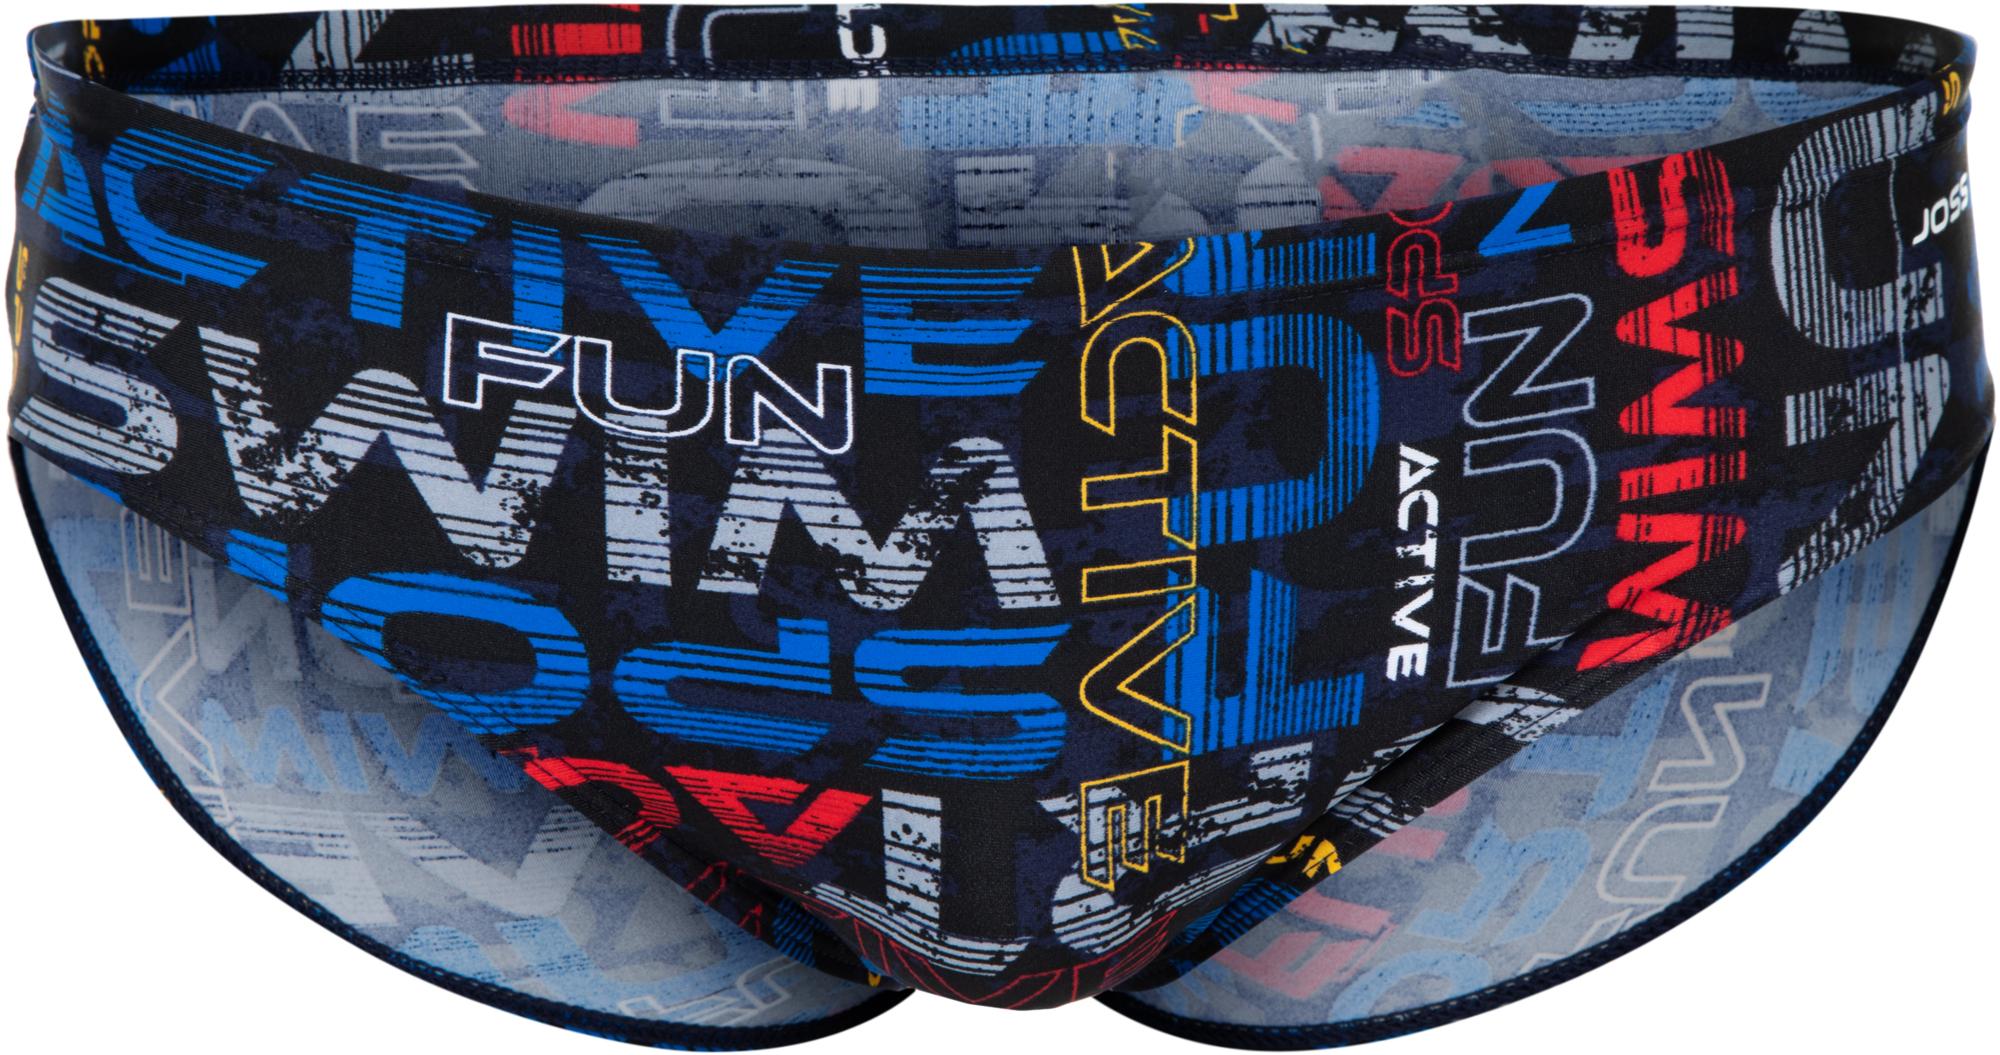 Joss Плавки мужские Joss, размер 56 мужские купальные плавки other 2015